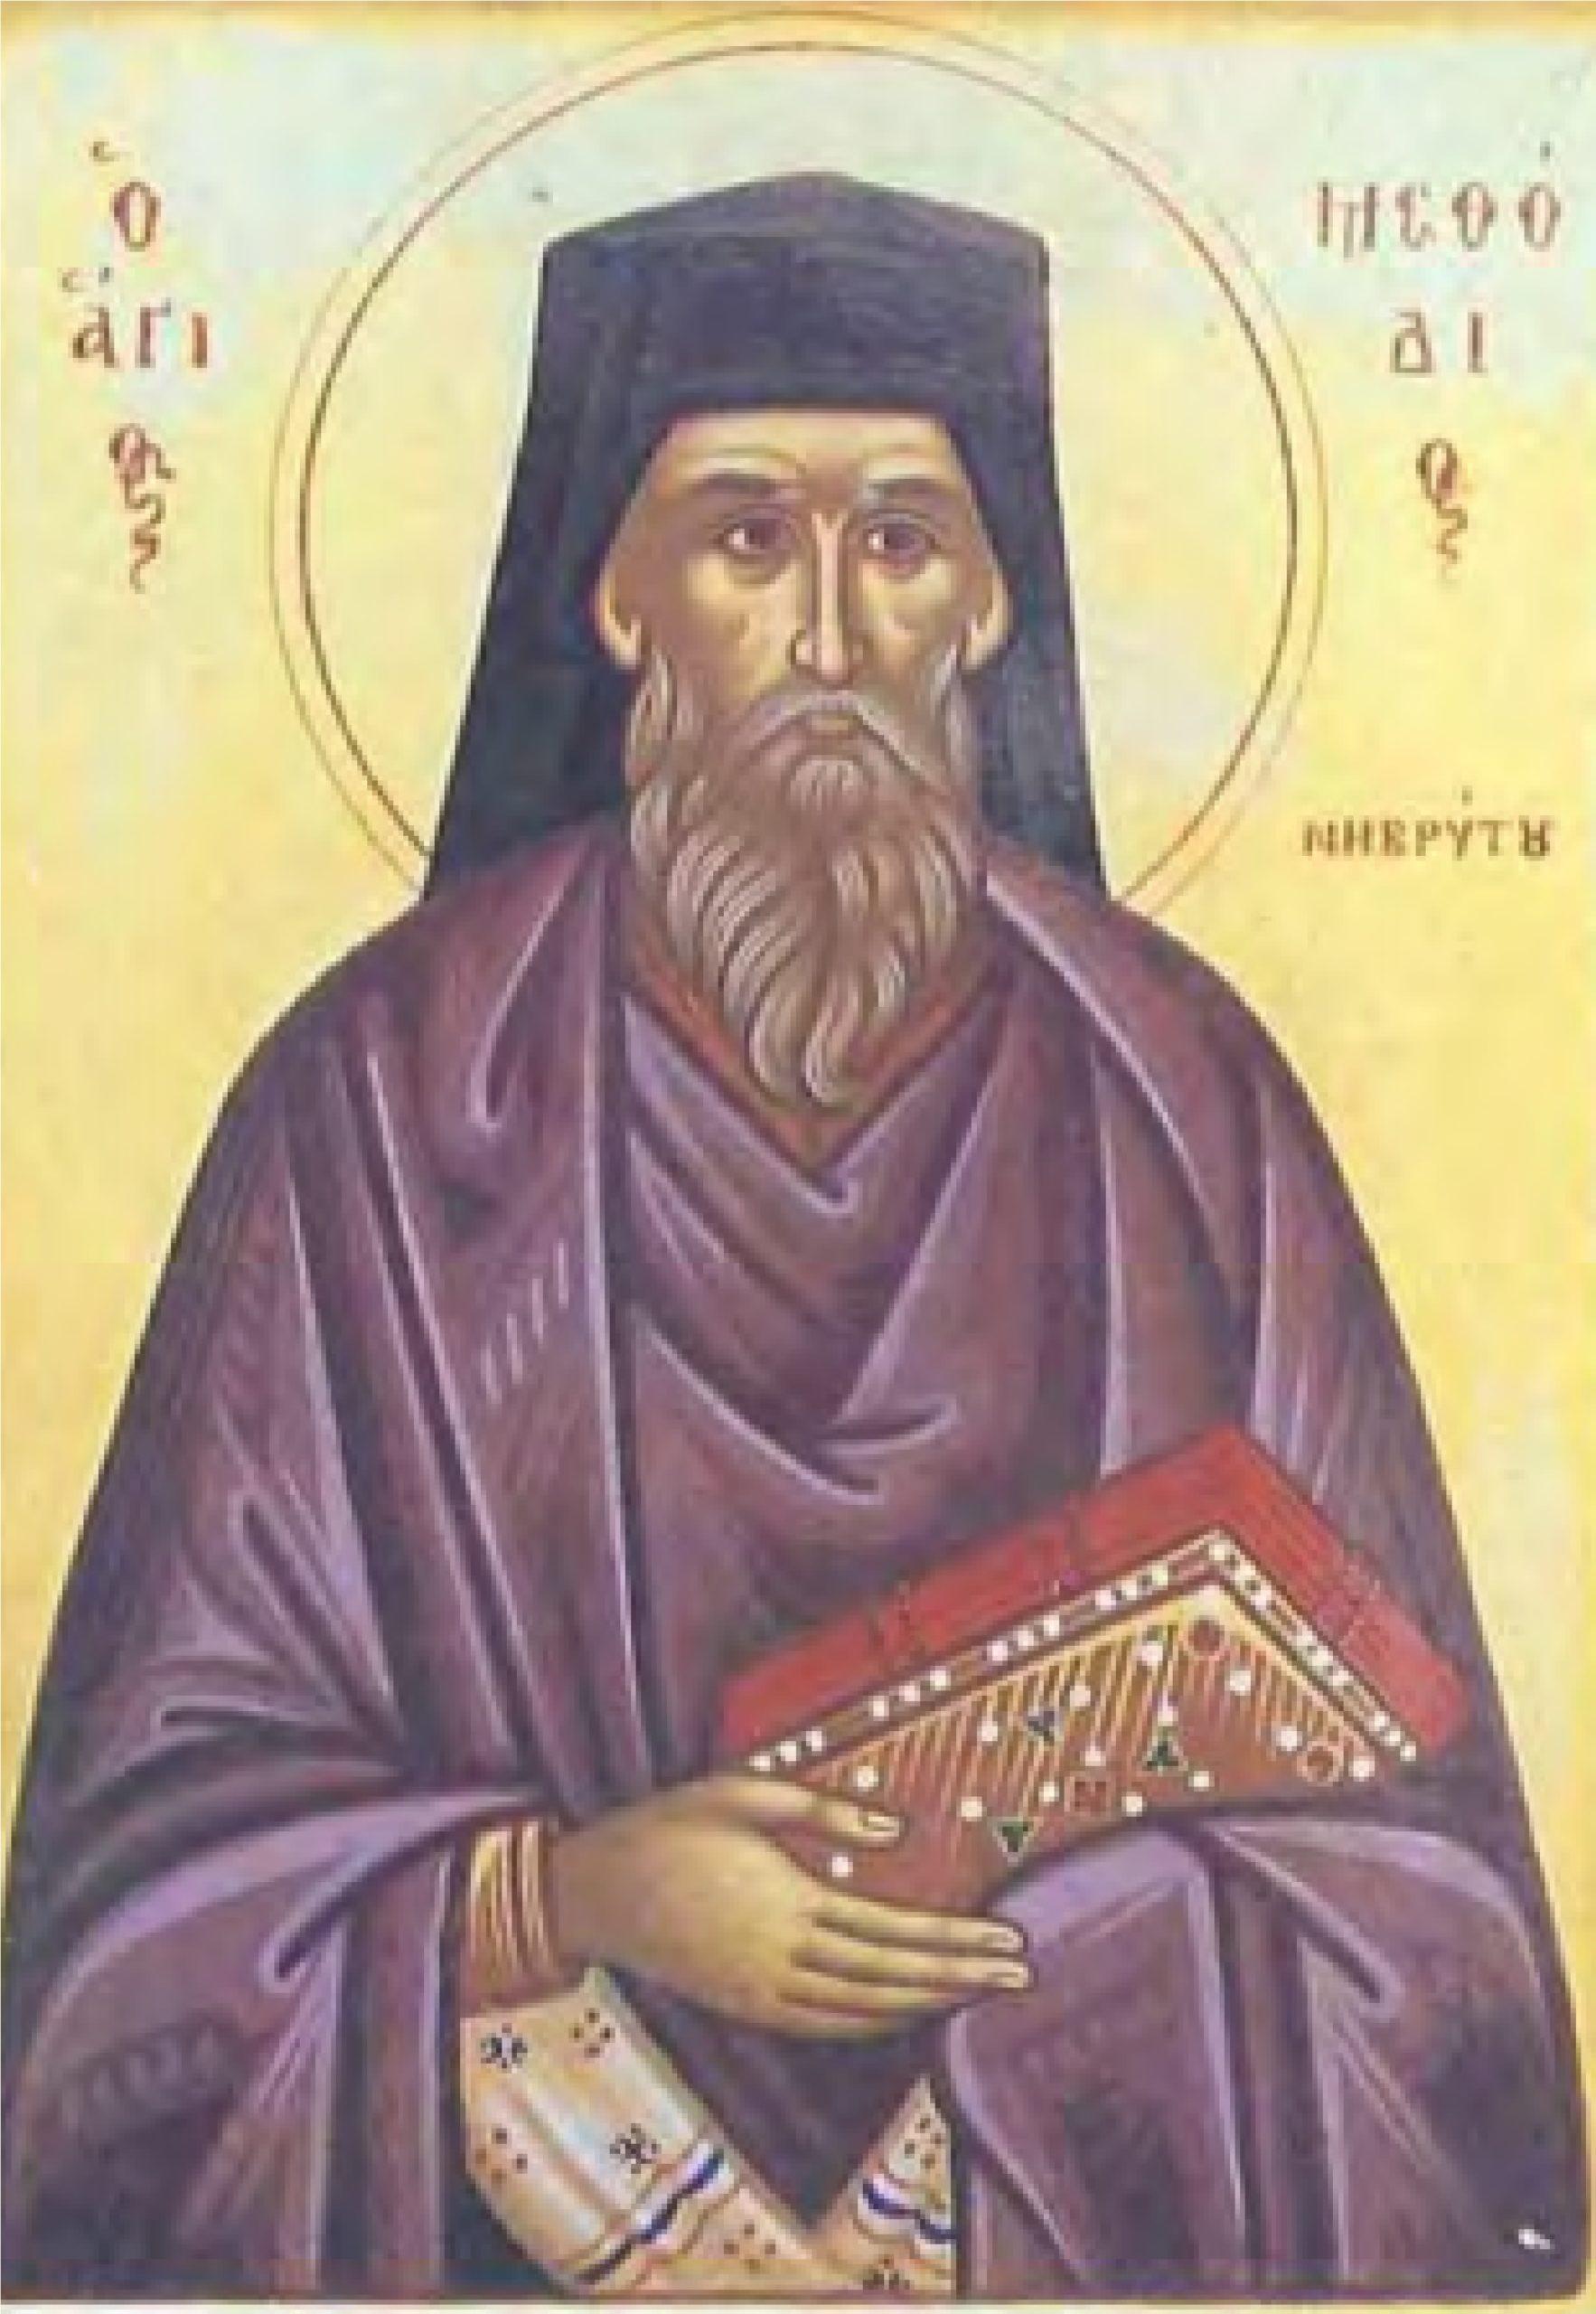 Heiliger Methodius Bischof v. Nybrit